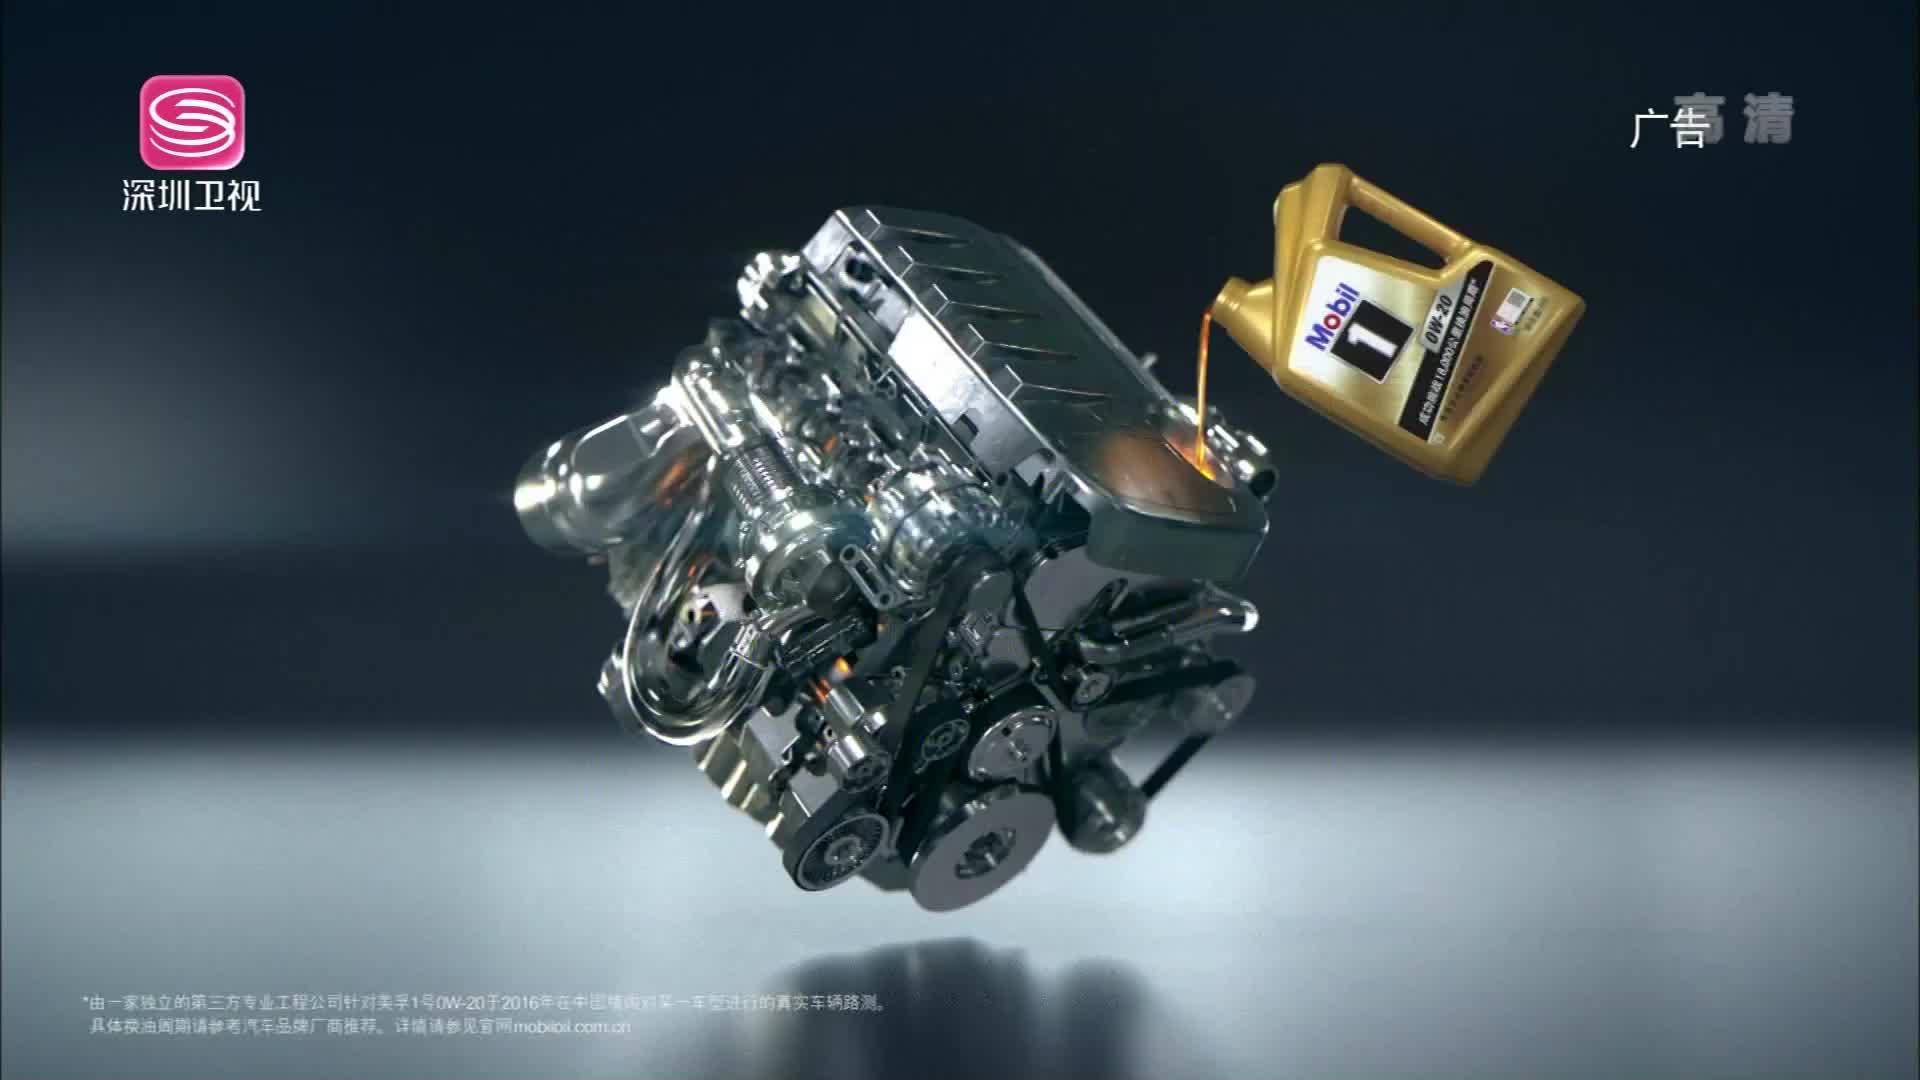 央视广告欣赏-美孚1号先进全合成发动机油